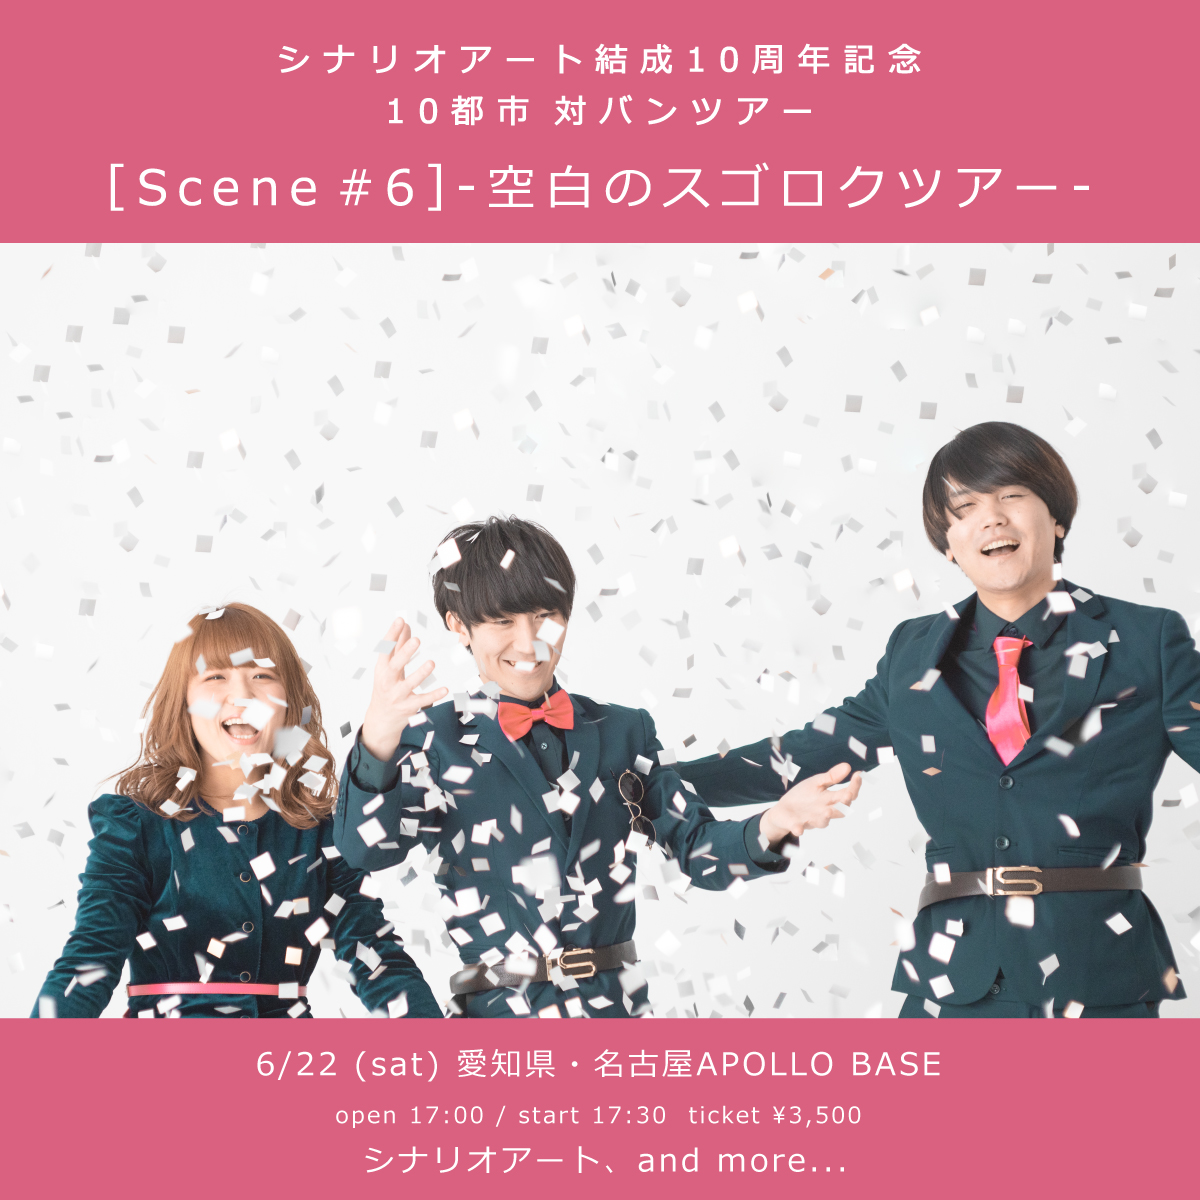 [Scene #6]-空白のスゴロクツアー- 《名古屋公演》